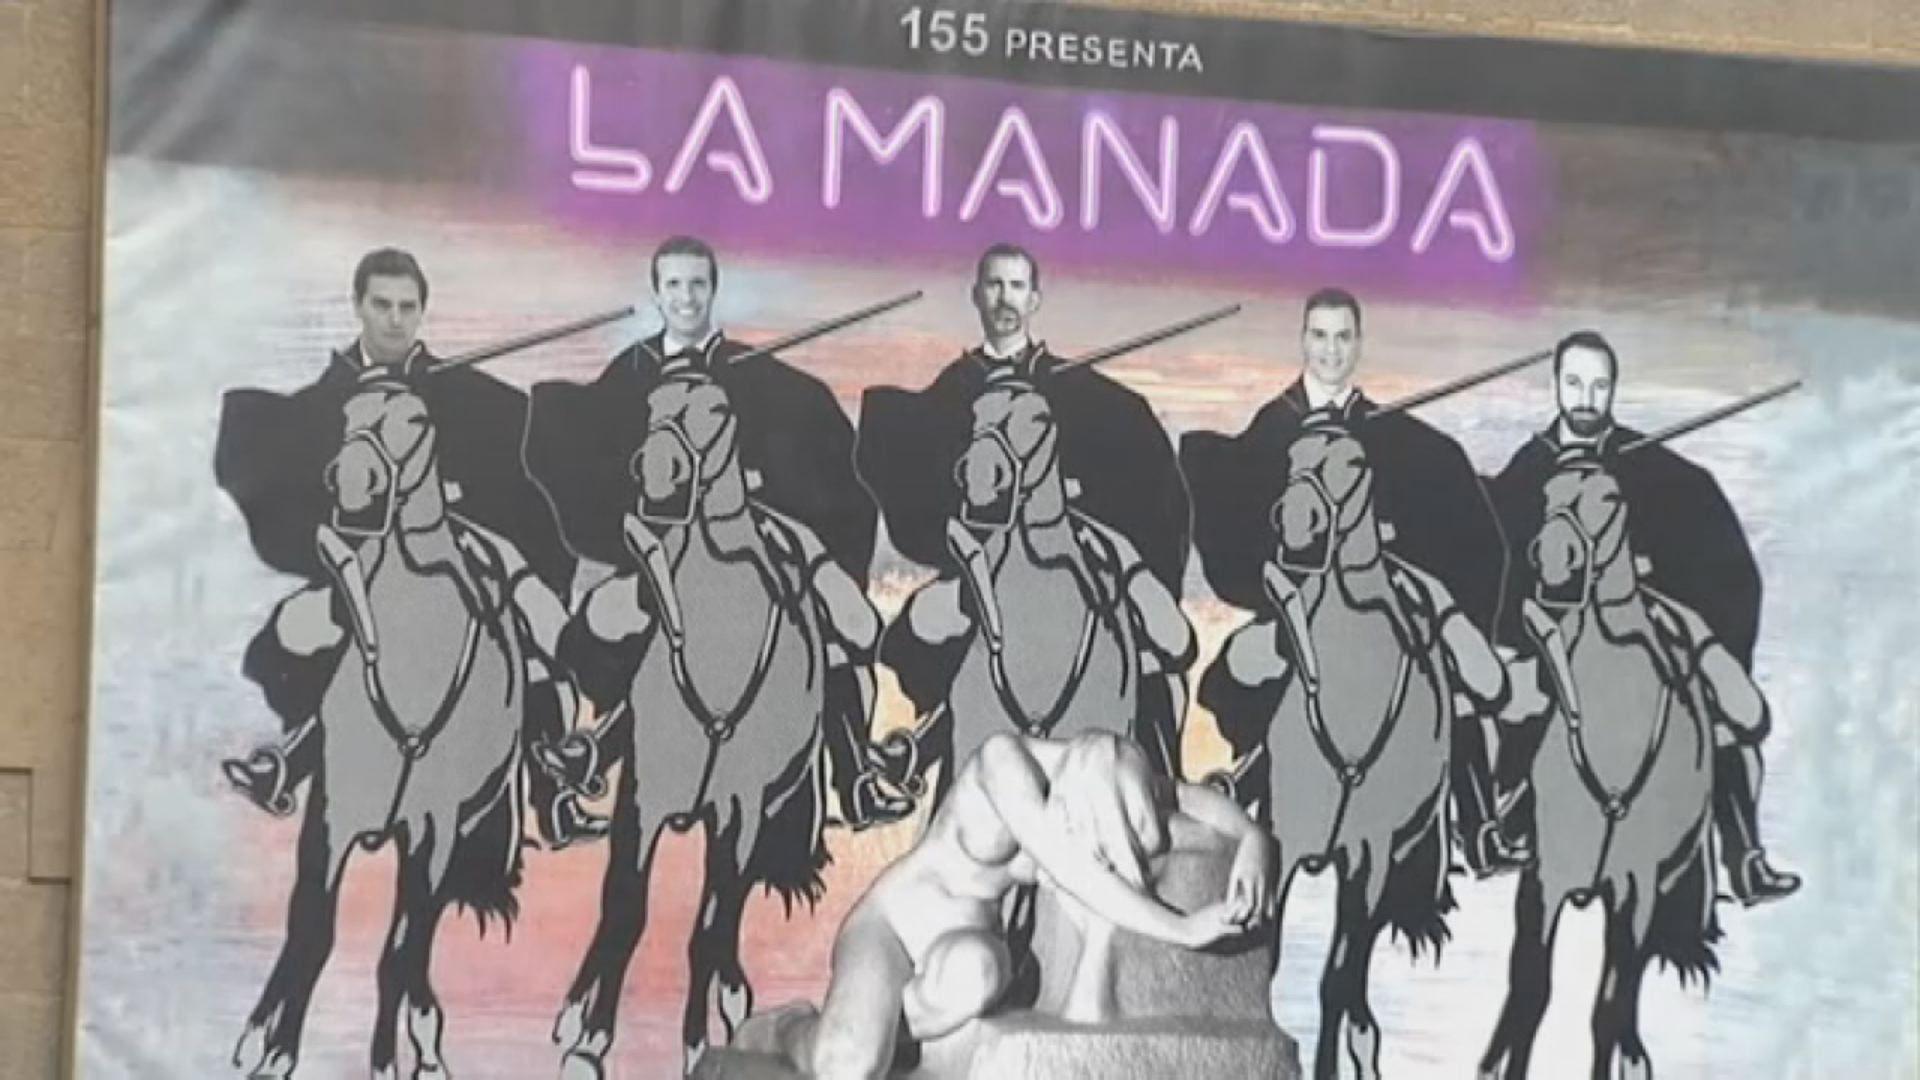 Polémico mural en Olot: compara a los líderes políticos con «La Manada».Juzgados de Avilés